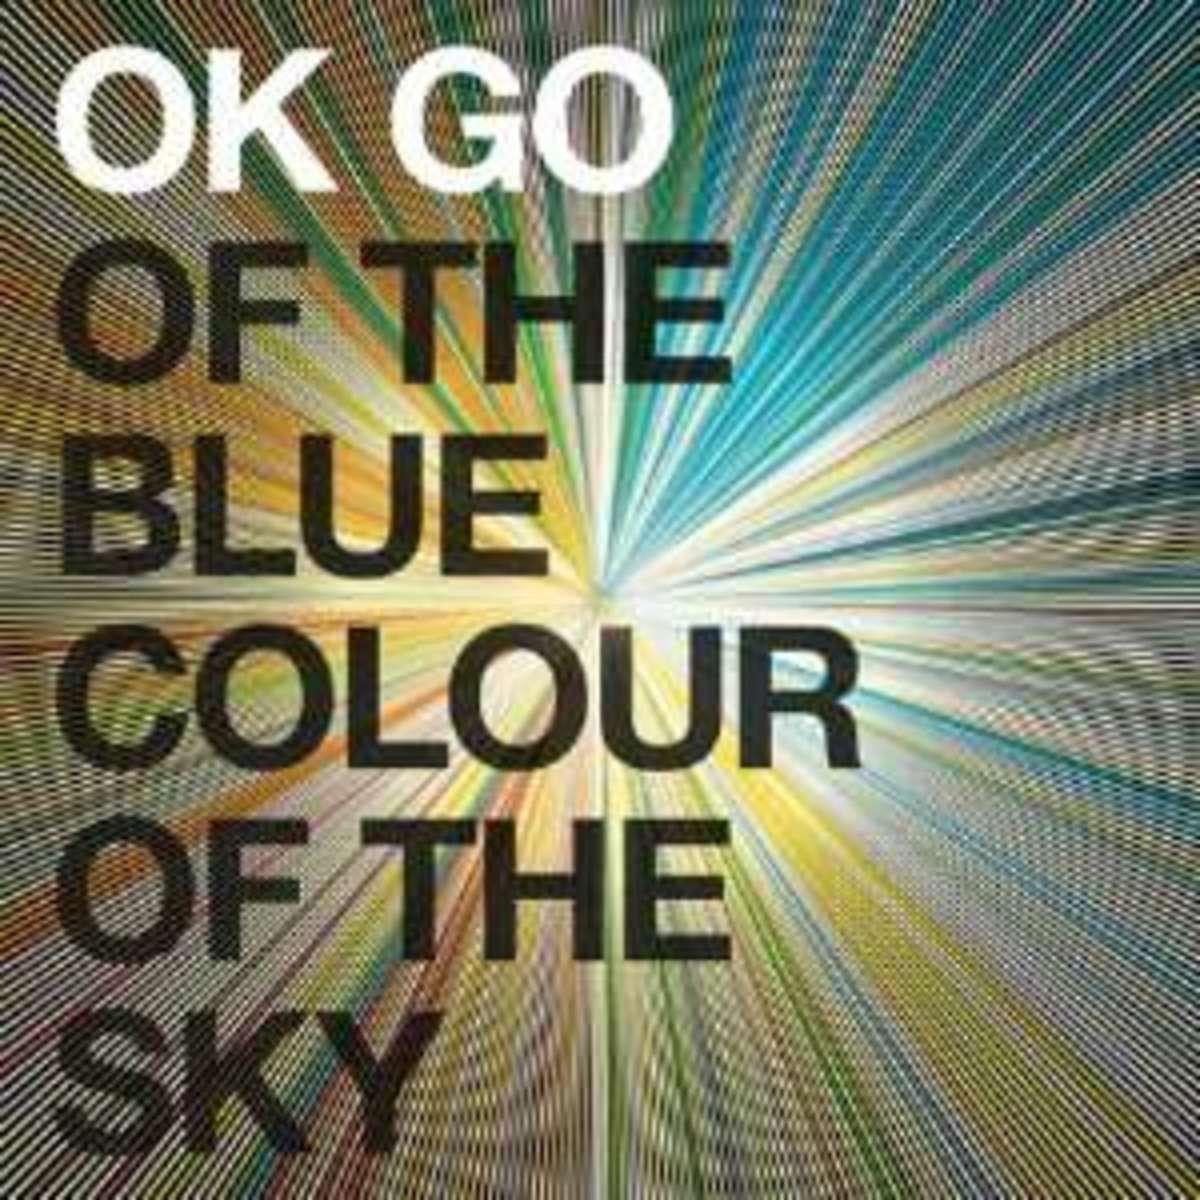 GM773-OK Go